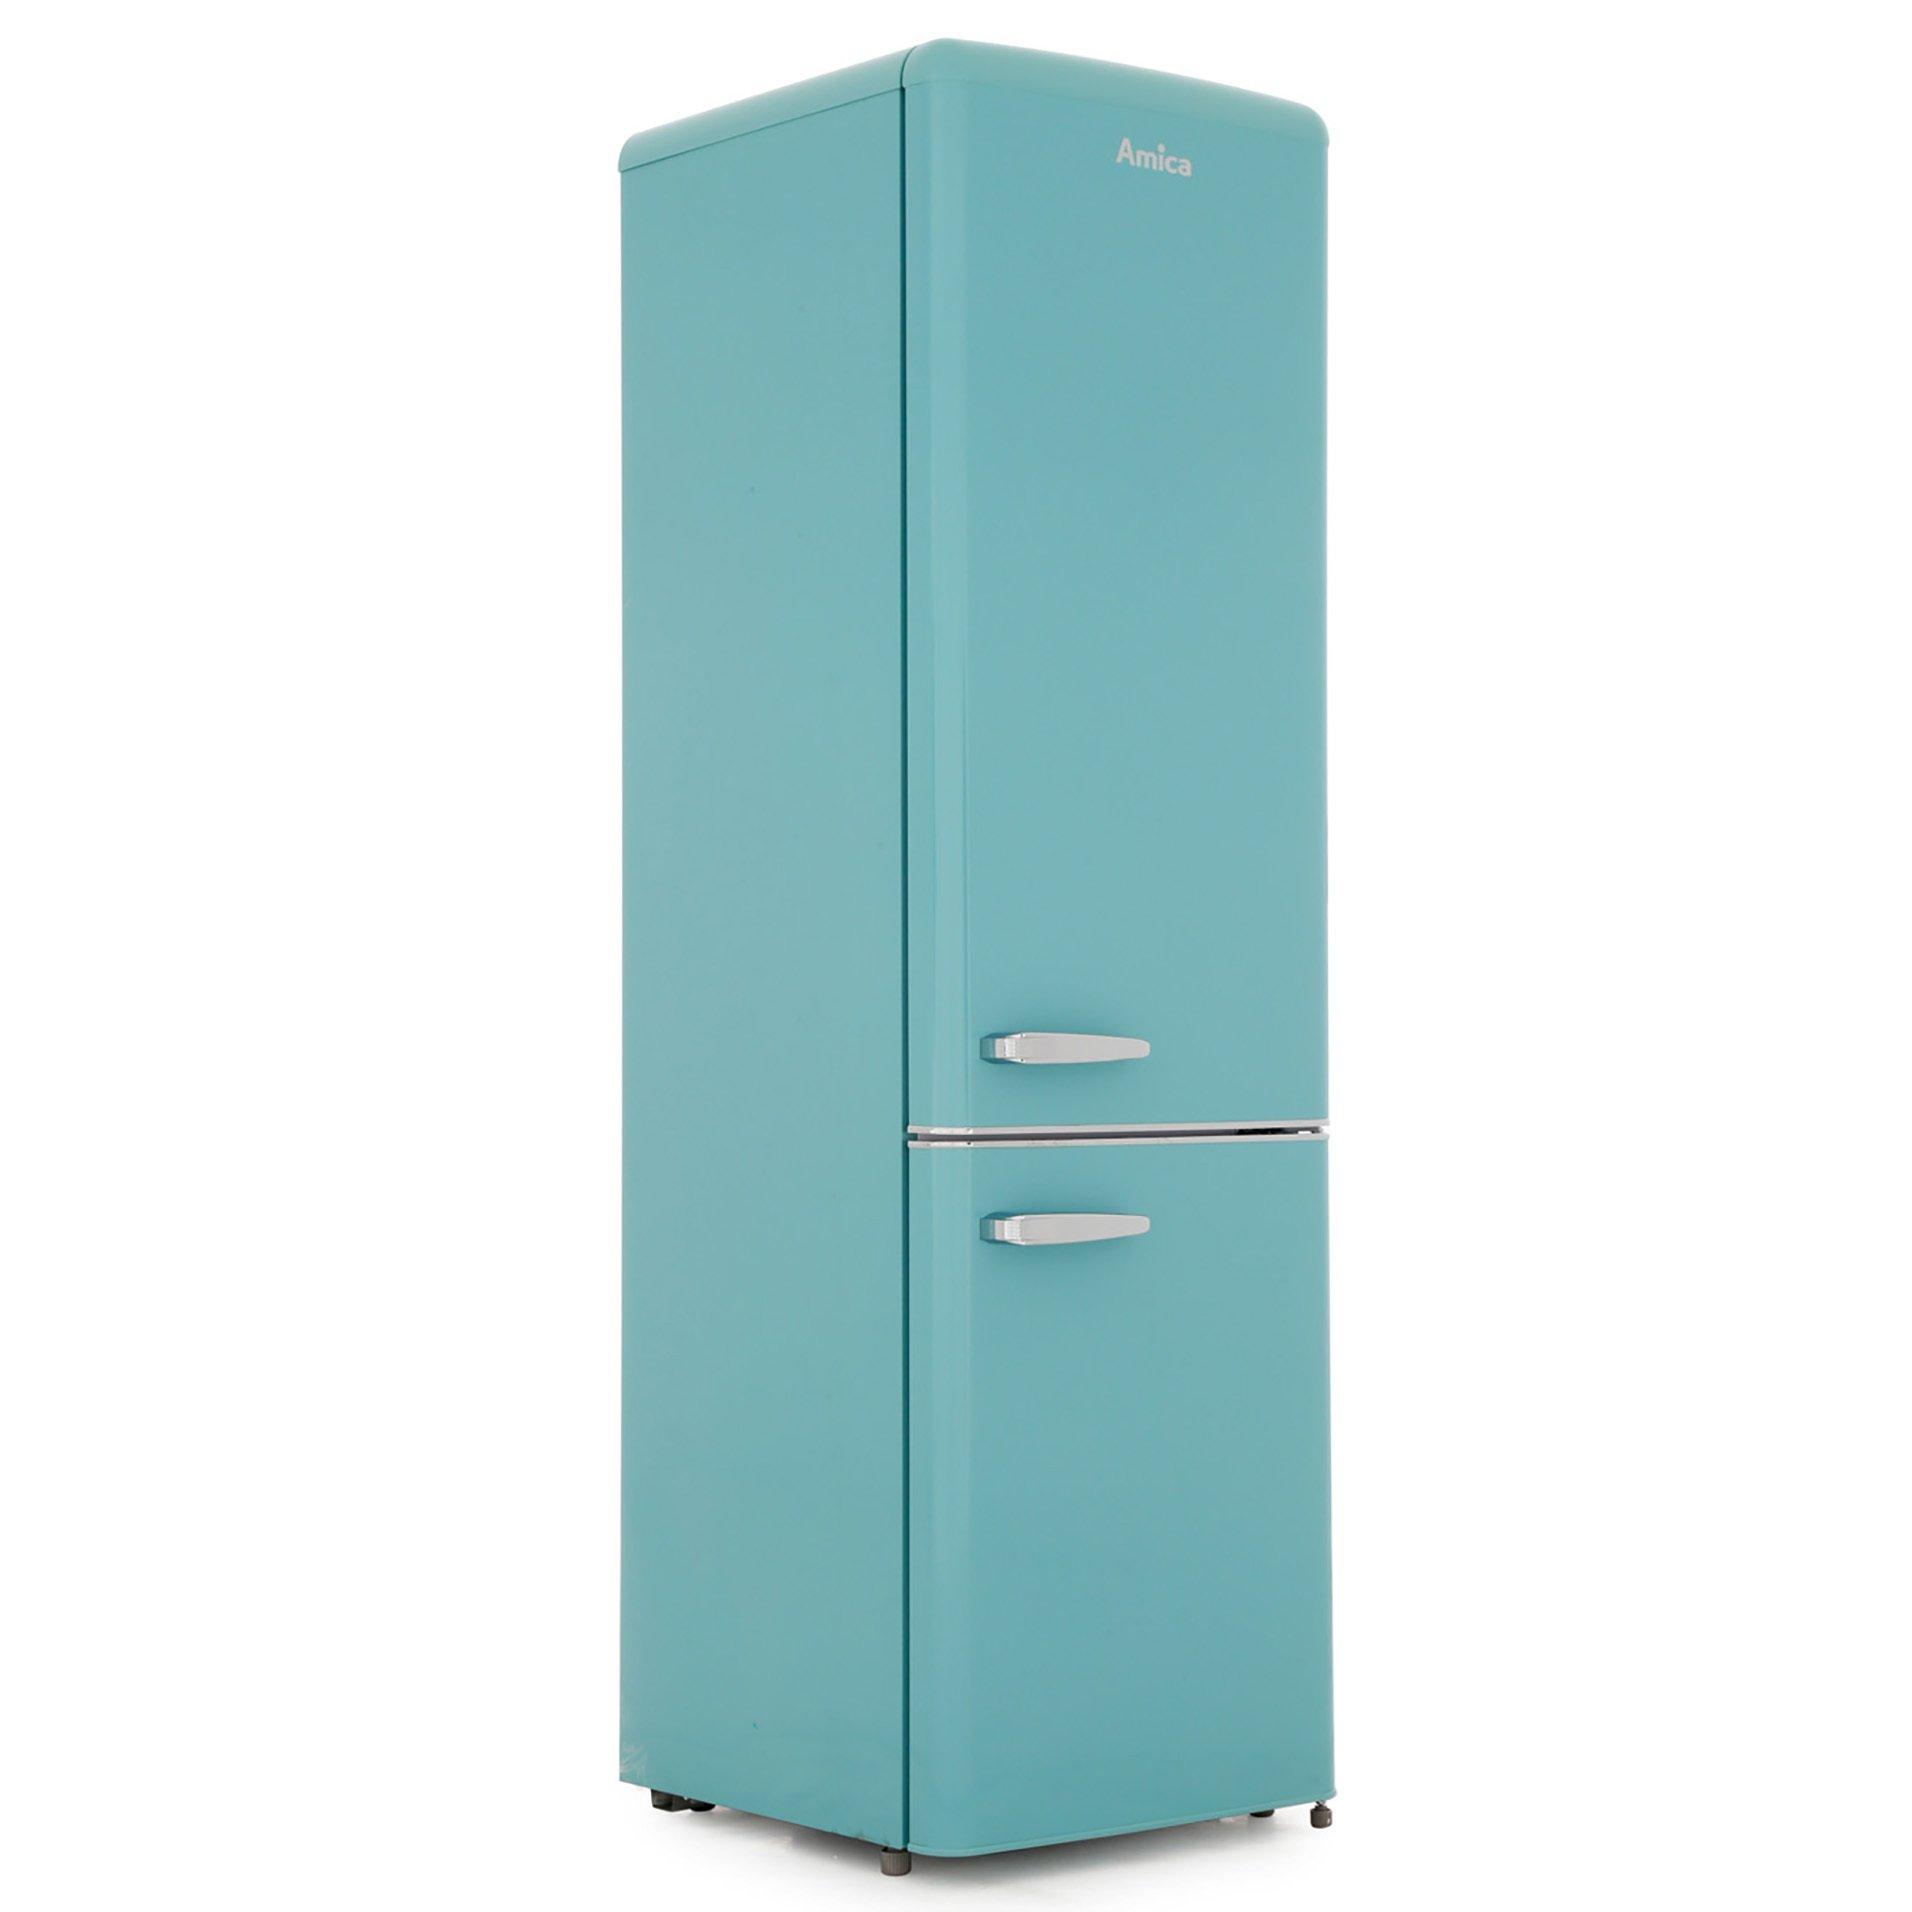 Amica FKR29653DEB Retro Static Fridge Freezer